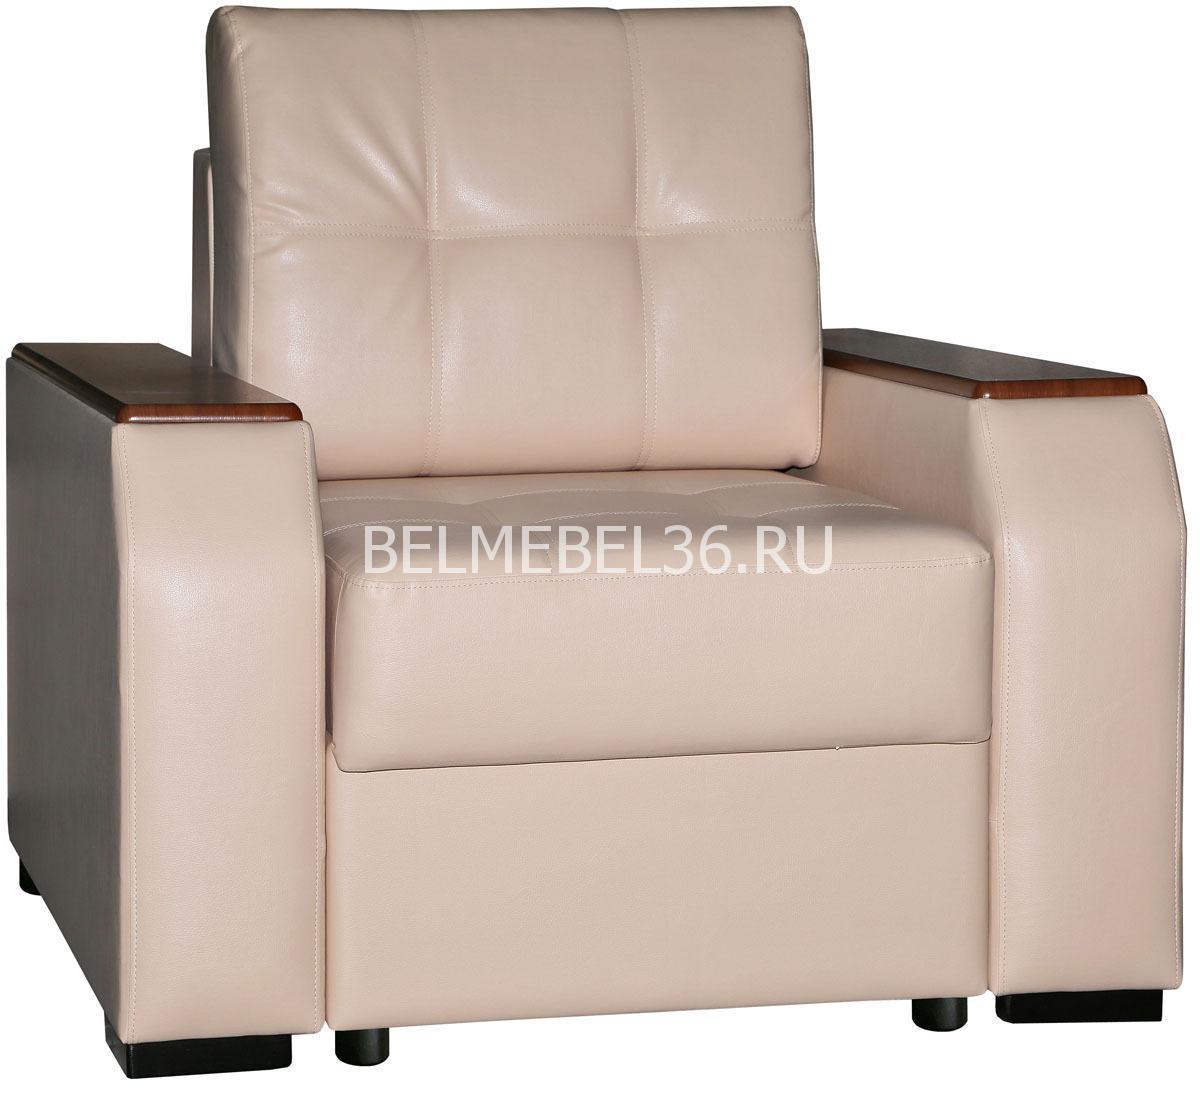 Кресло Олимпик 1 (1М) | Белорусская мебель в Воронеже